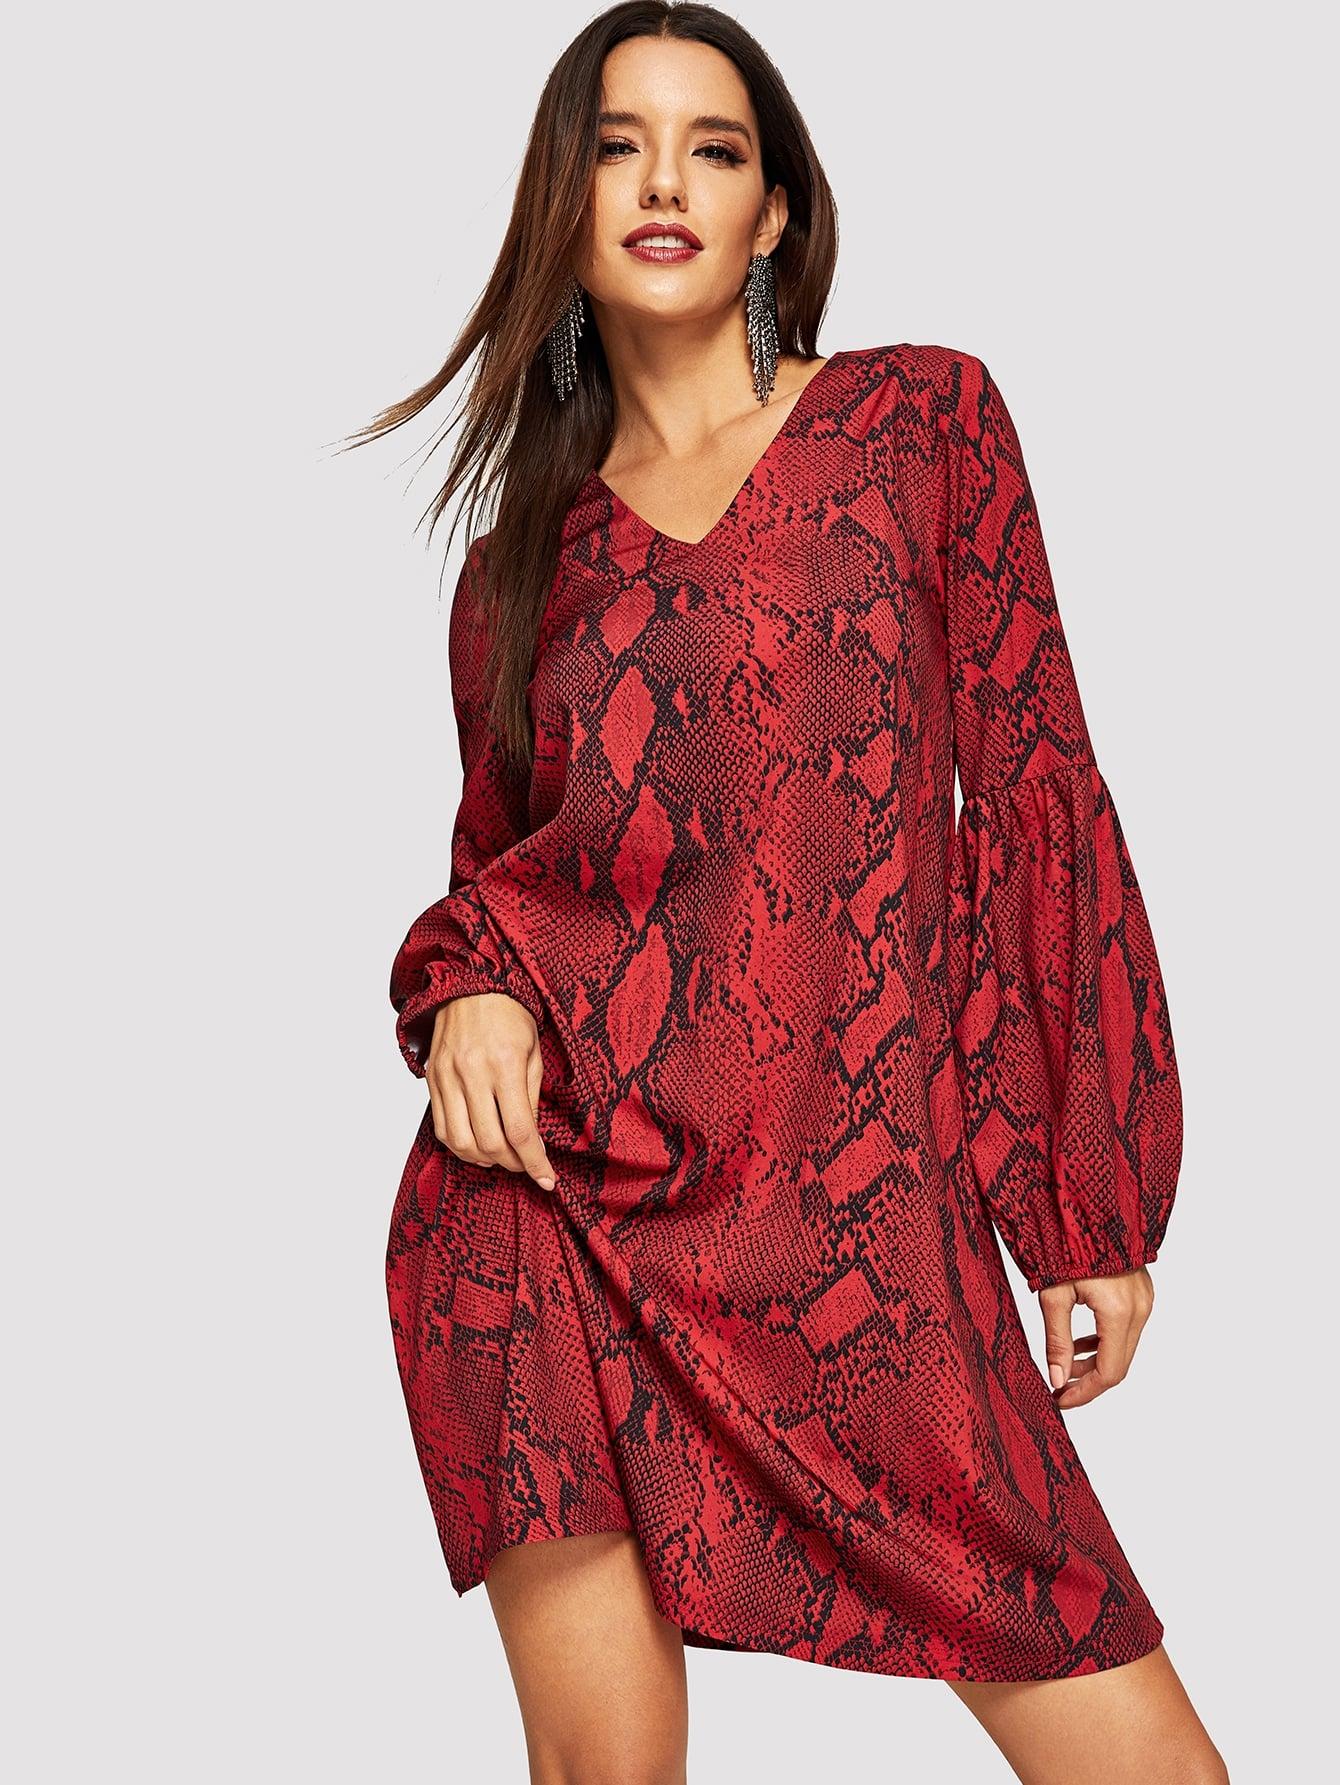 Купить Платье с змеиным принтом и v-образным вырезом, Juliana, SheIn